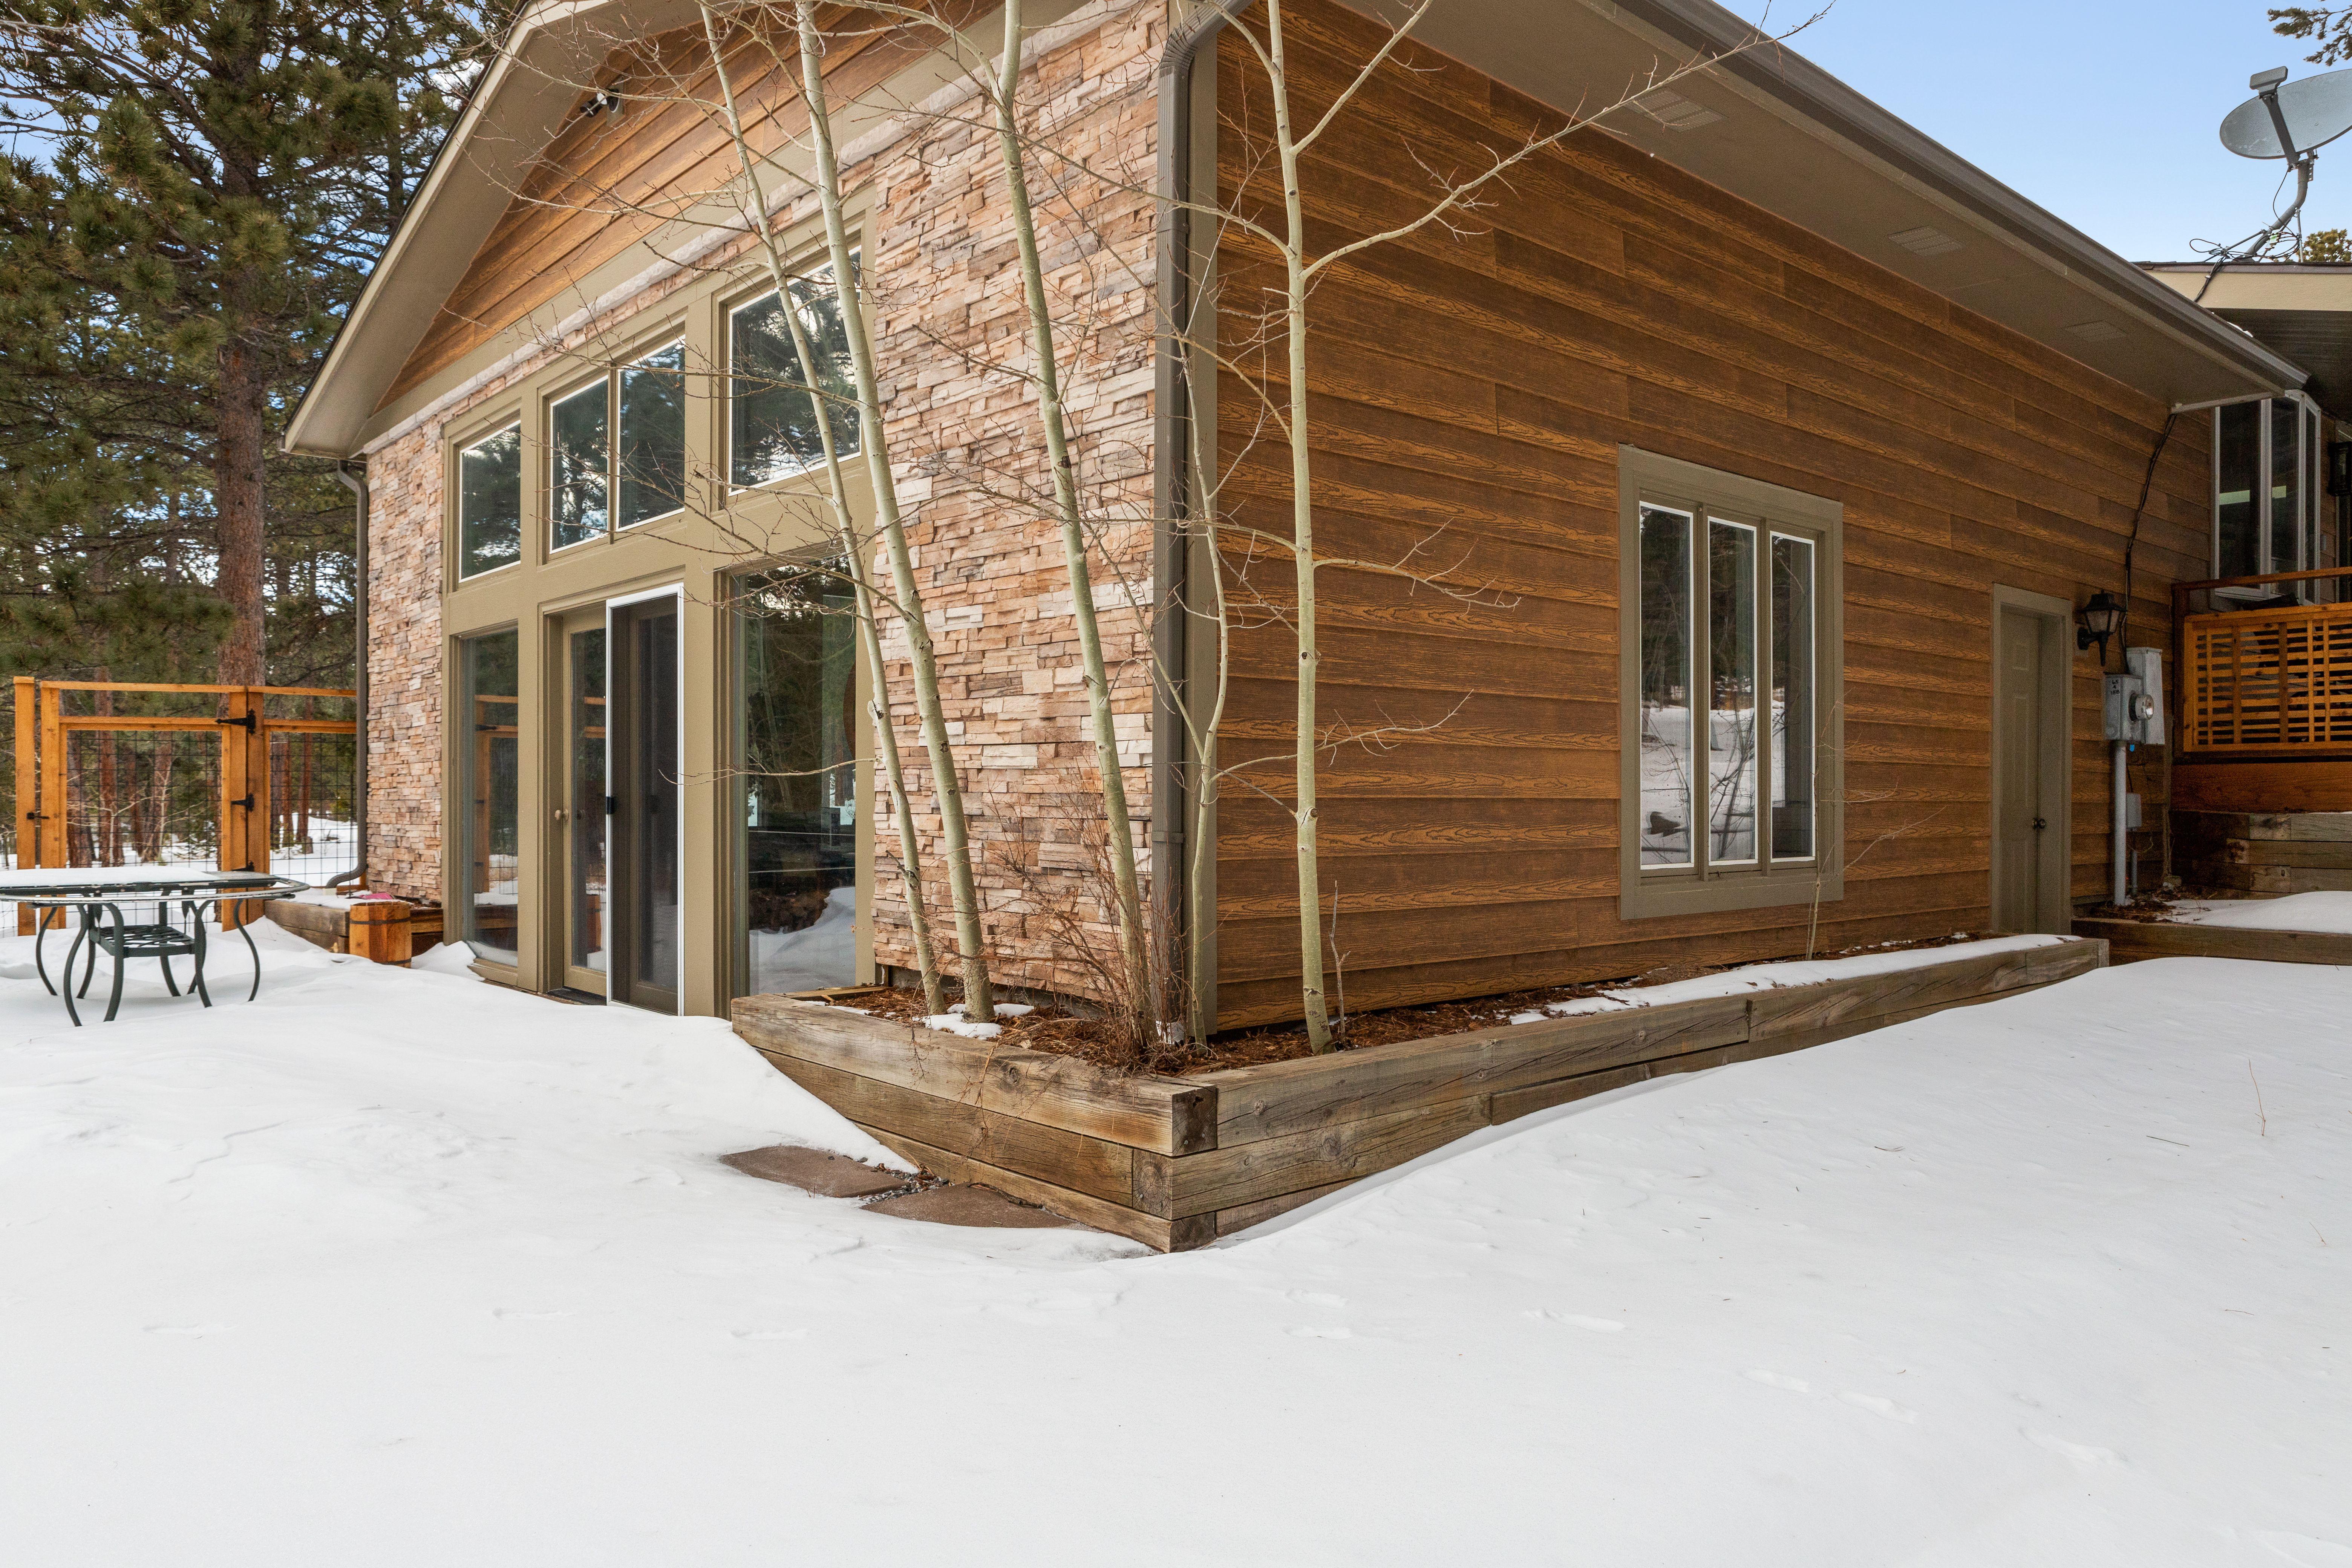 Stunning Winter Wonderland In Colorado Home Exterior Wood Siding Exterior Colorado Homes Barn Siding